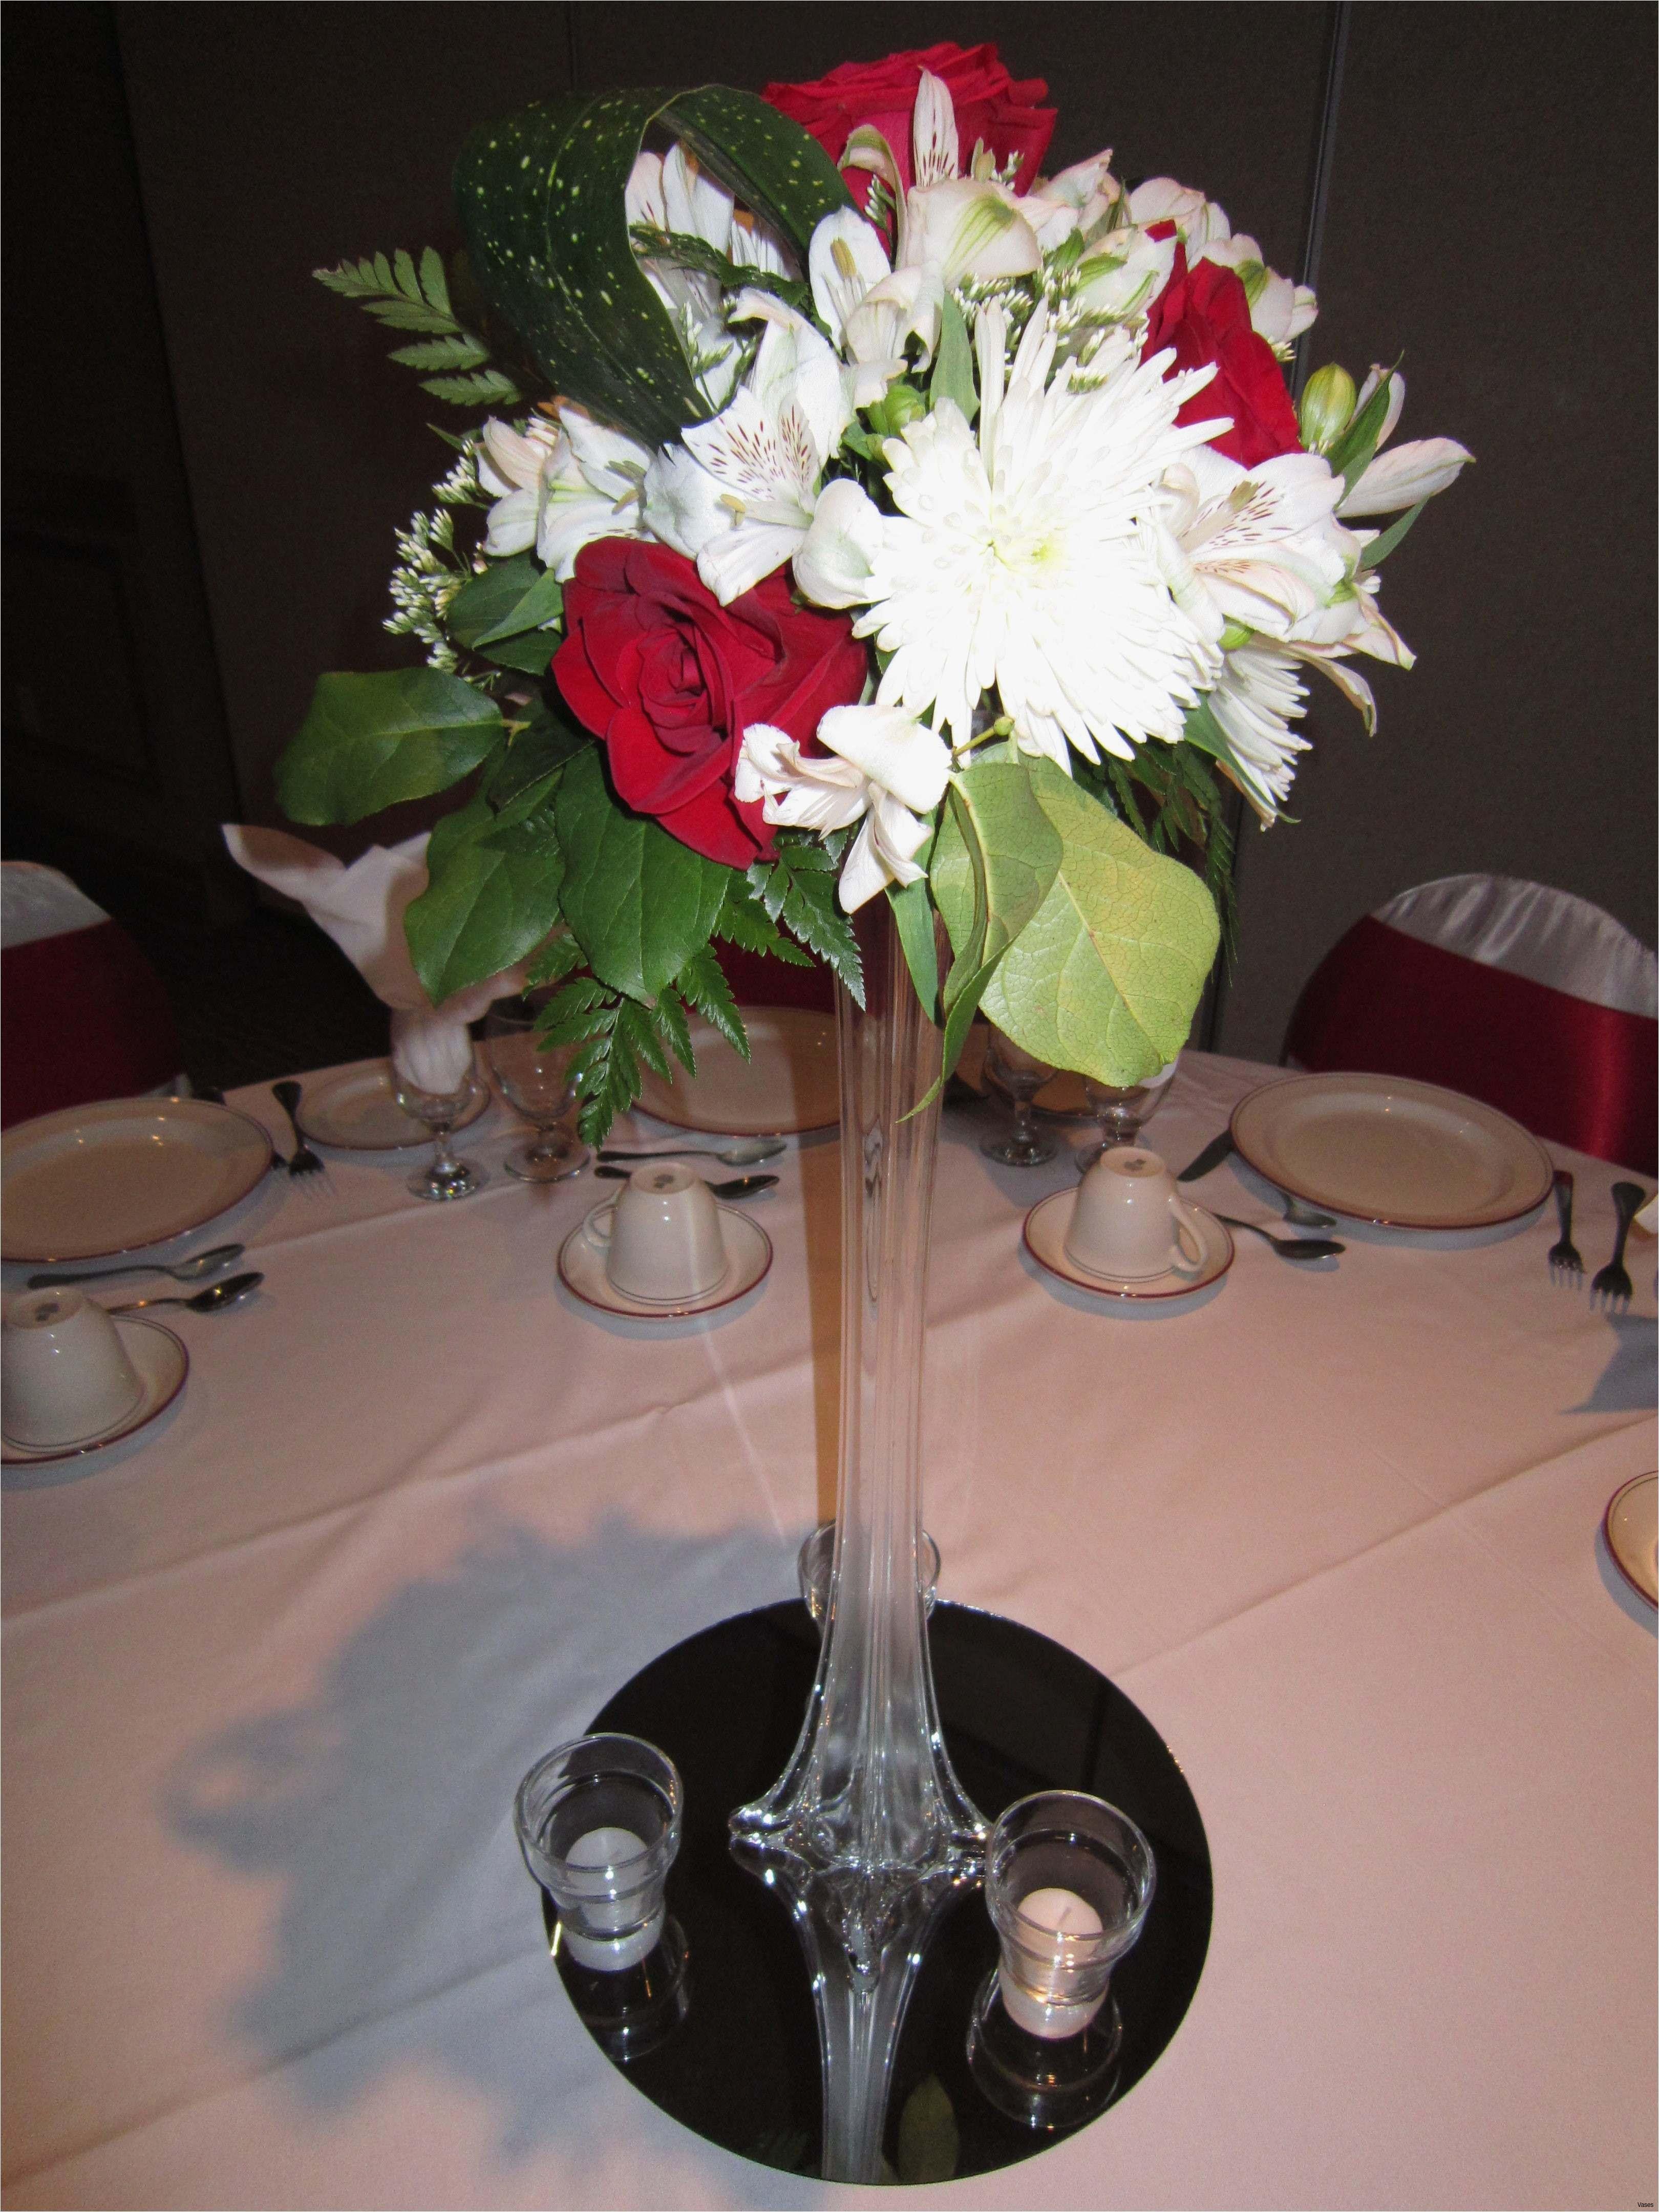 wine bottle vase centerpieces of sunflower arrangements for weddings simple unique flowers for throughout sunflower arrangements for weddings concept unique flowers for wedding centerpieces modern